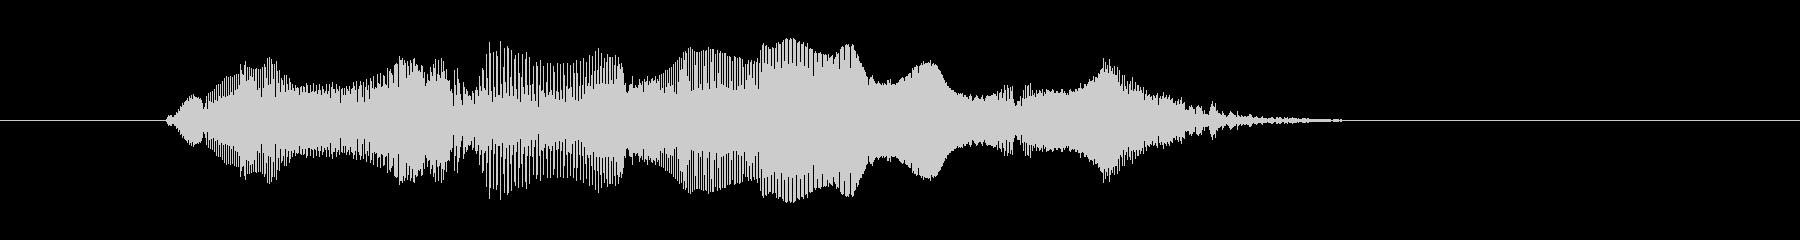 いえ〜(↑)い!の未再生の波形